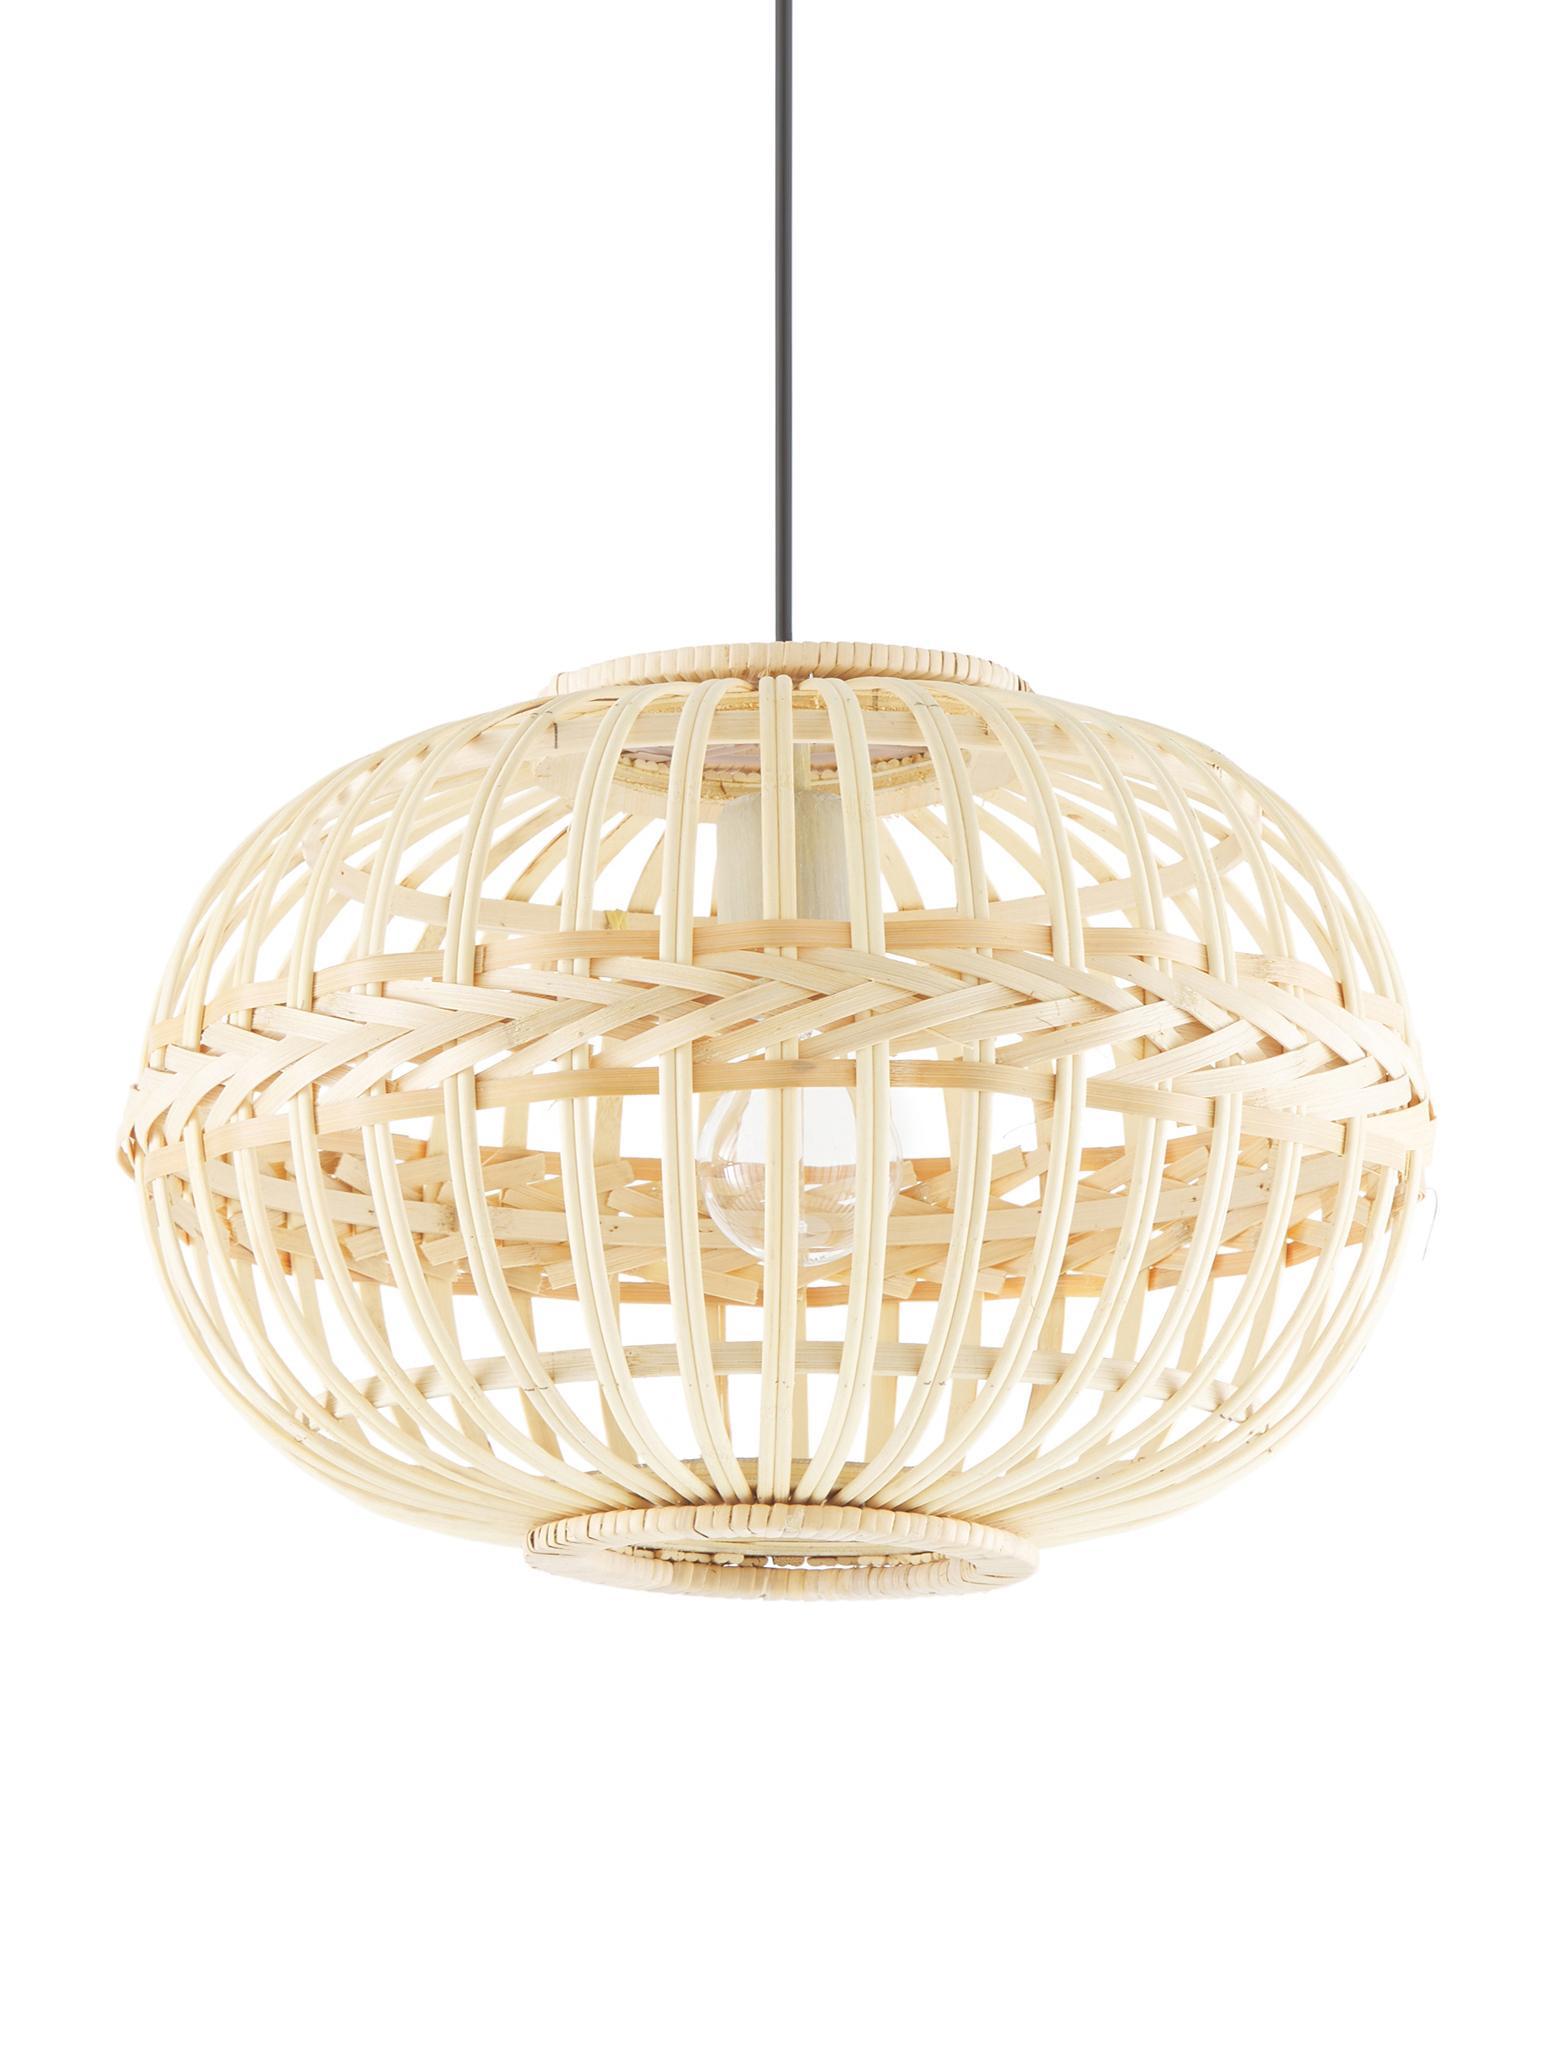 Lámpara de techo Adam, Anclaje: metal, con pintura en pol, Pantalla: bambú, madera contrachapa, Cable: plástico El bambú es una , Beige, Ø 38 x Al 27 cm